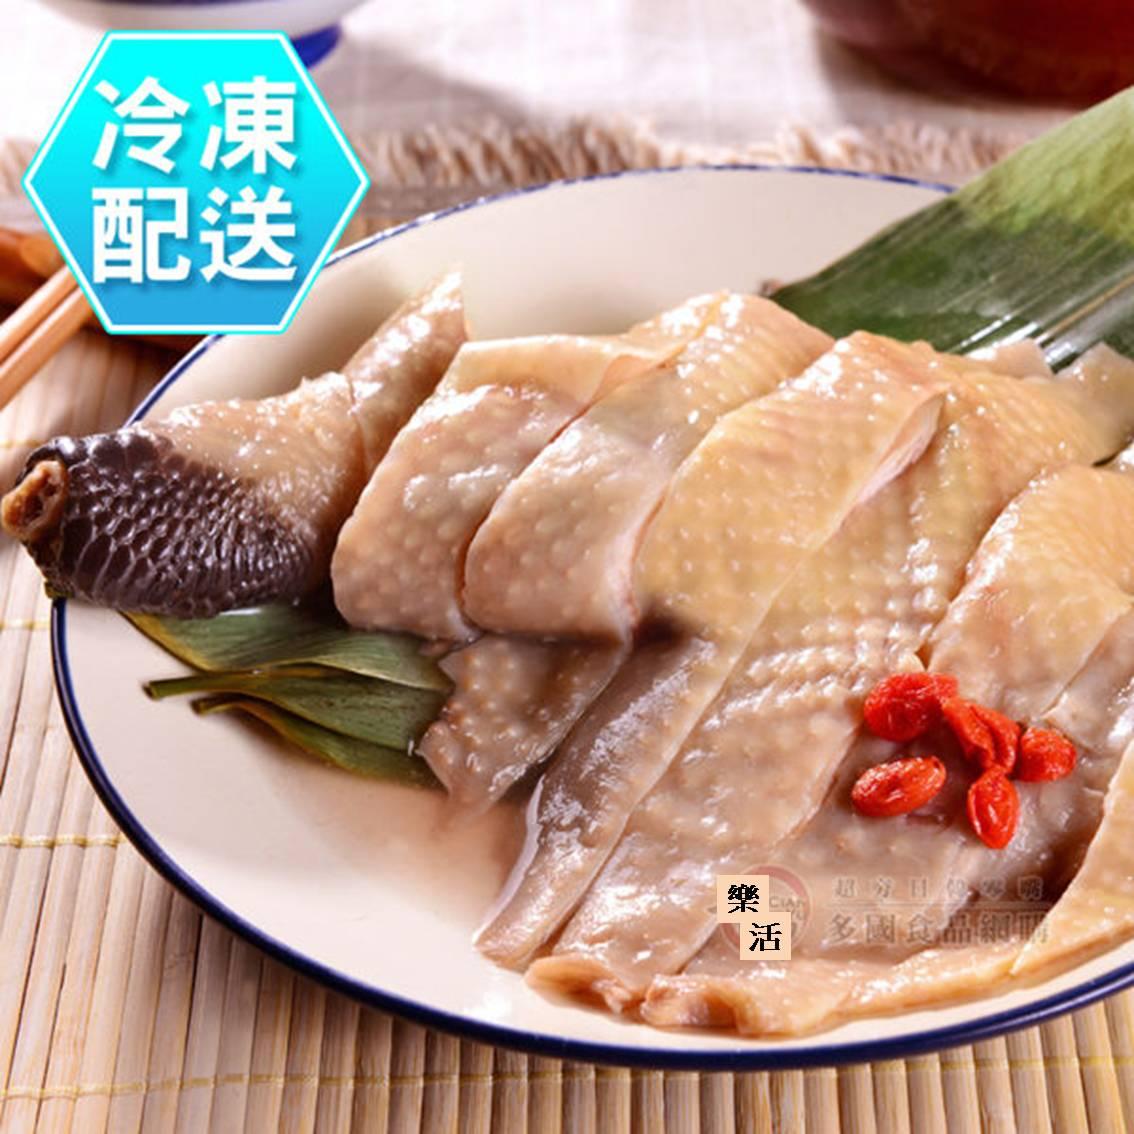 樂活生活館  無骨蔥油土雞腿450g 冷凍配送   蔗雞王